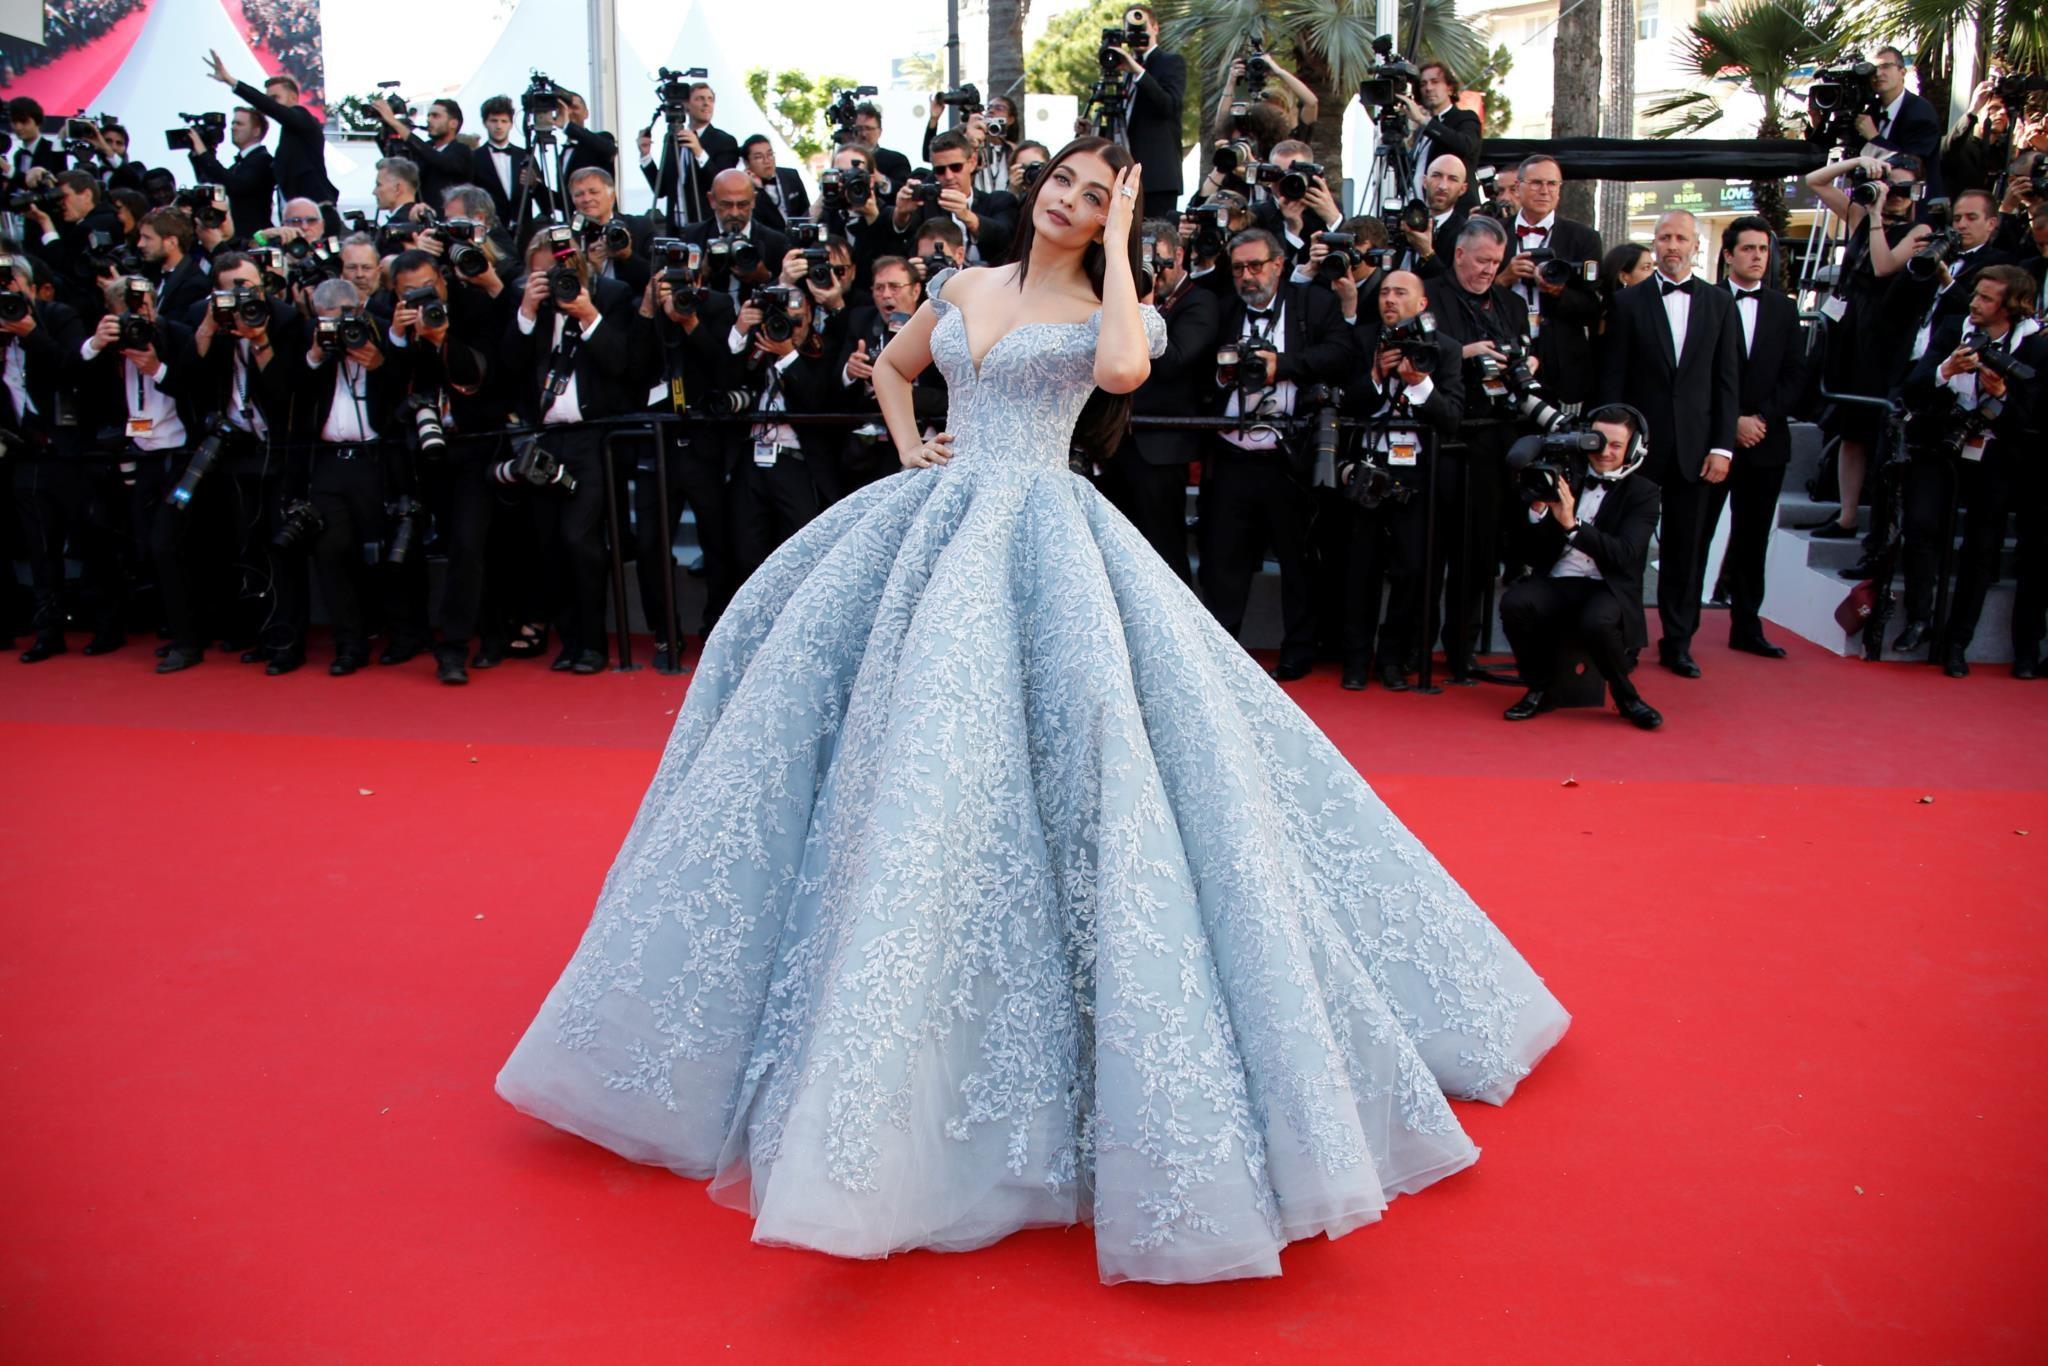 PÚBLICO - Cannes 2017: Os vestidos que ficam para a história